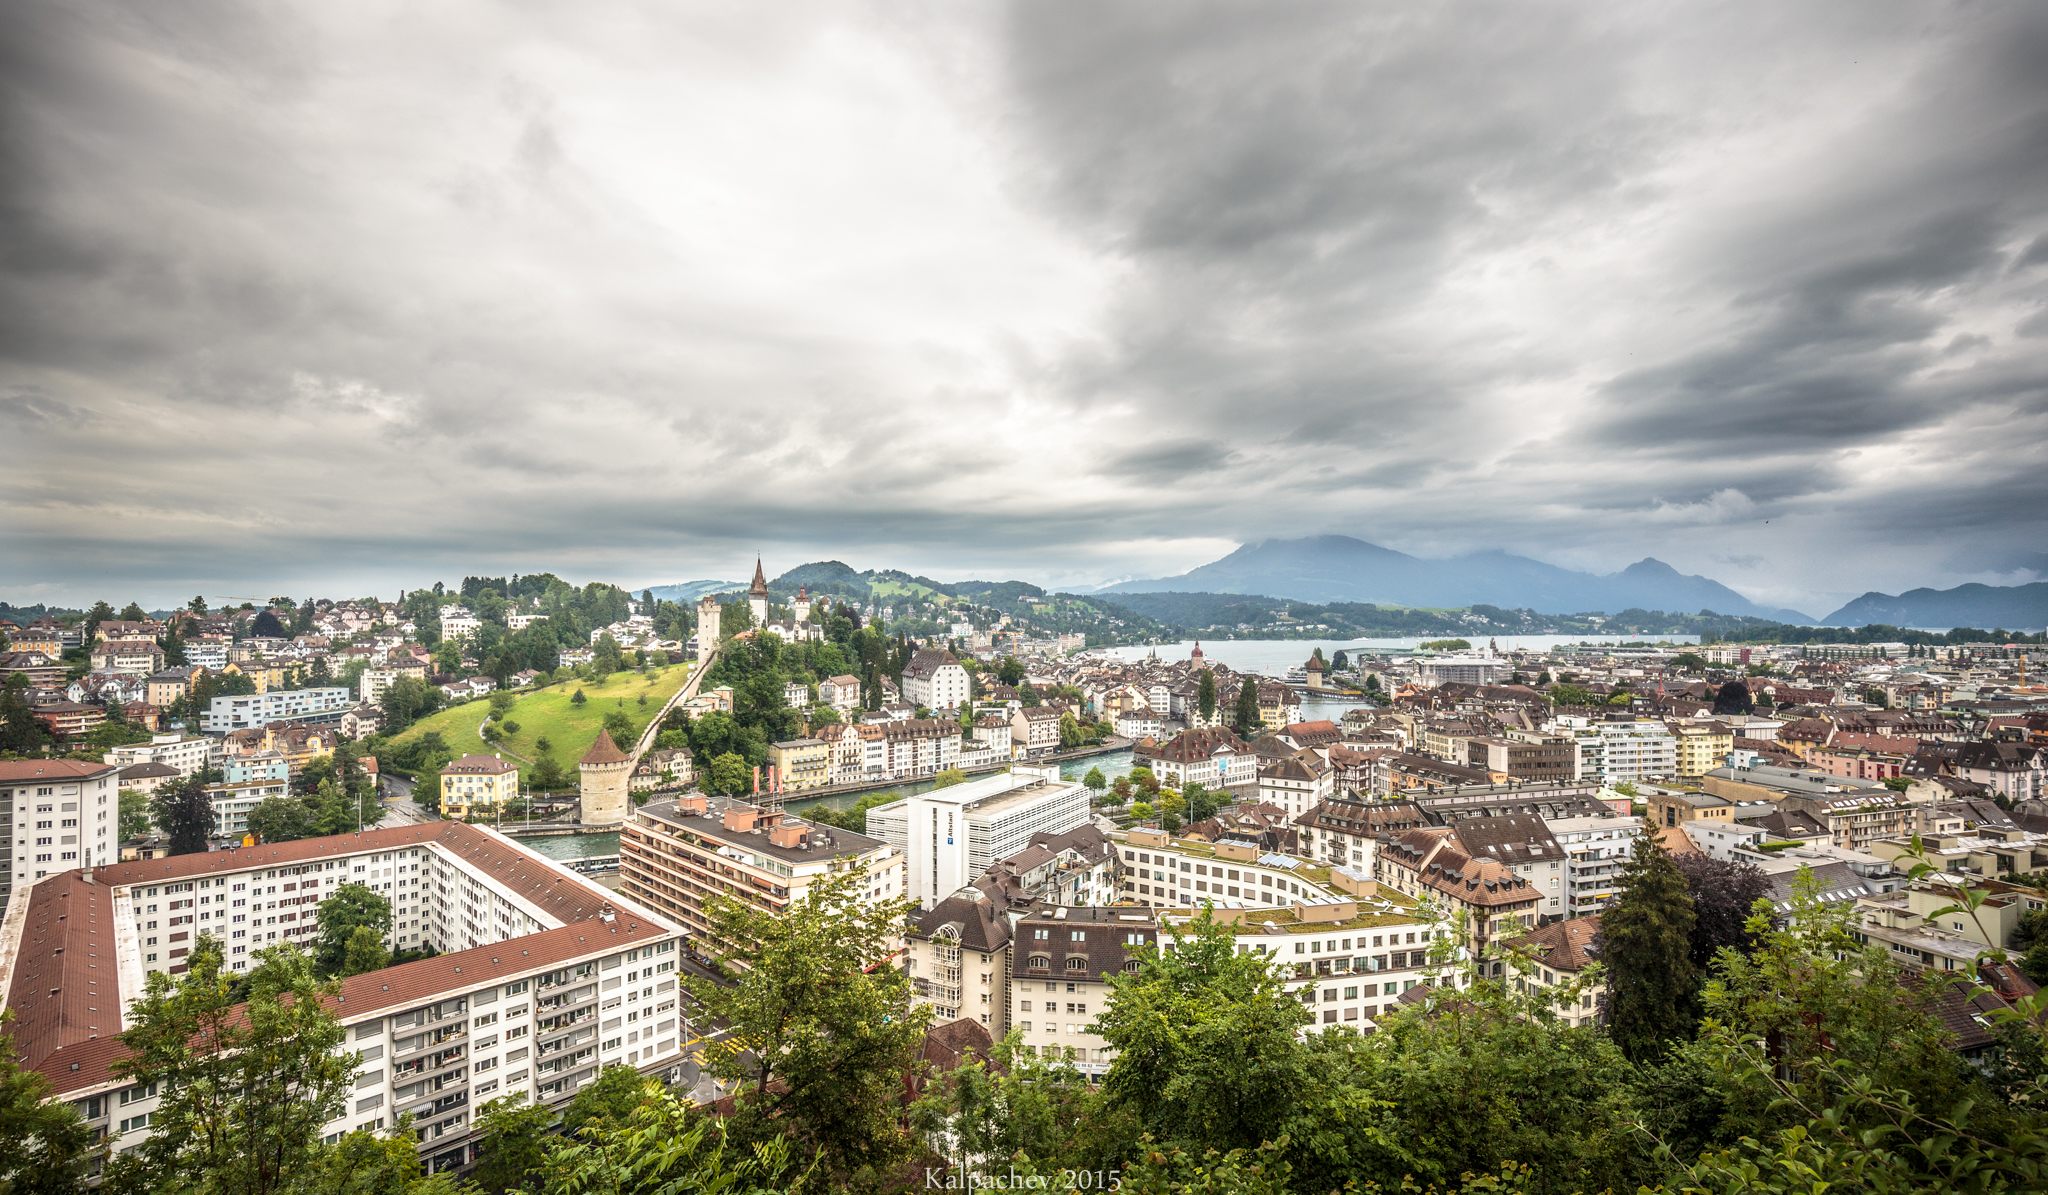 Lucerne Switzerland June 2015